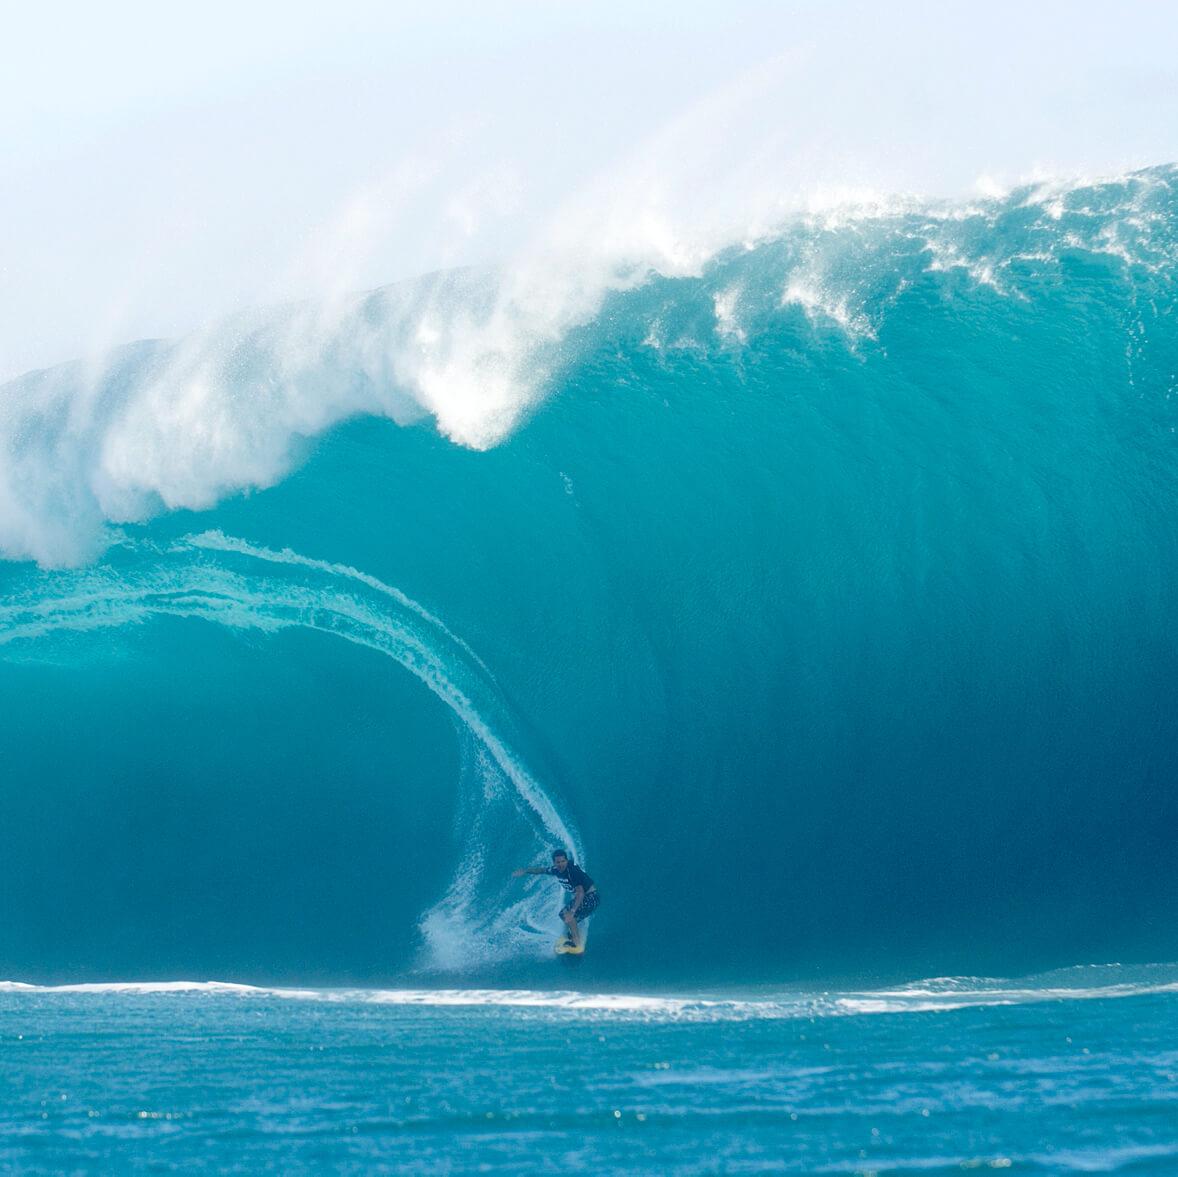 Surfer riding huge wave.